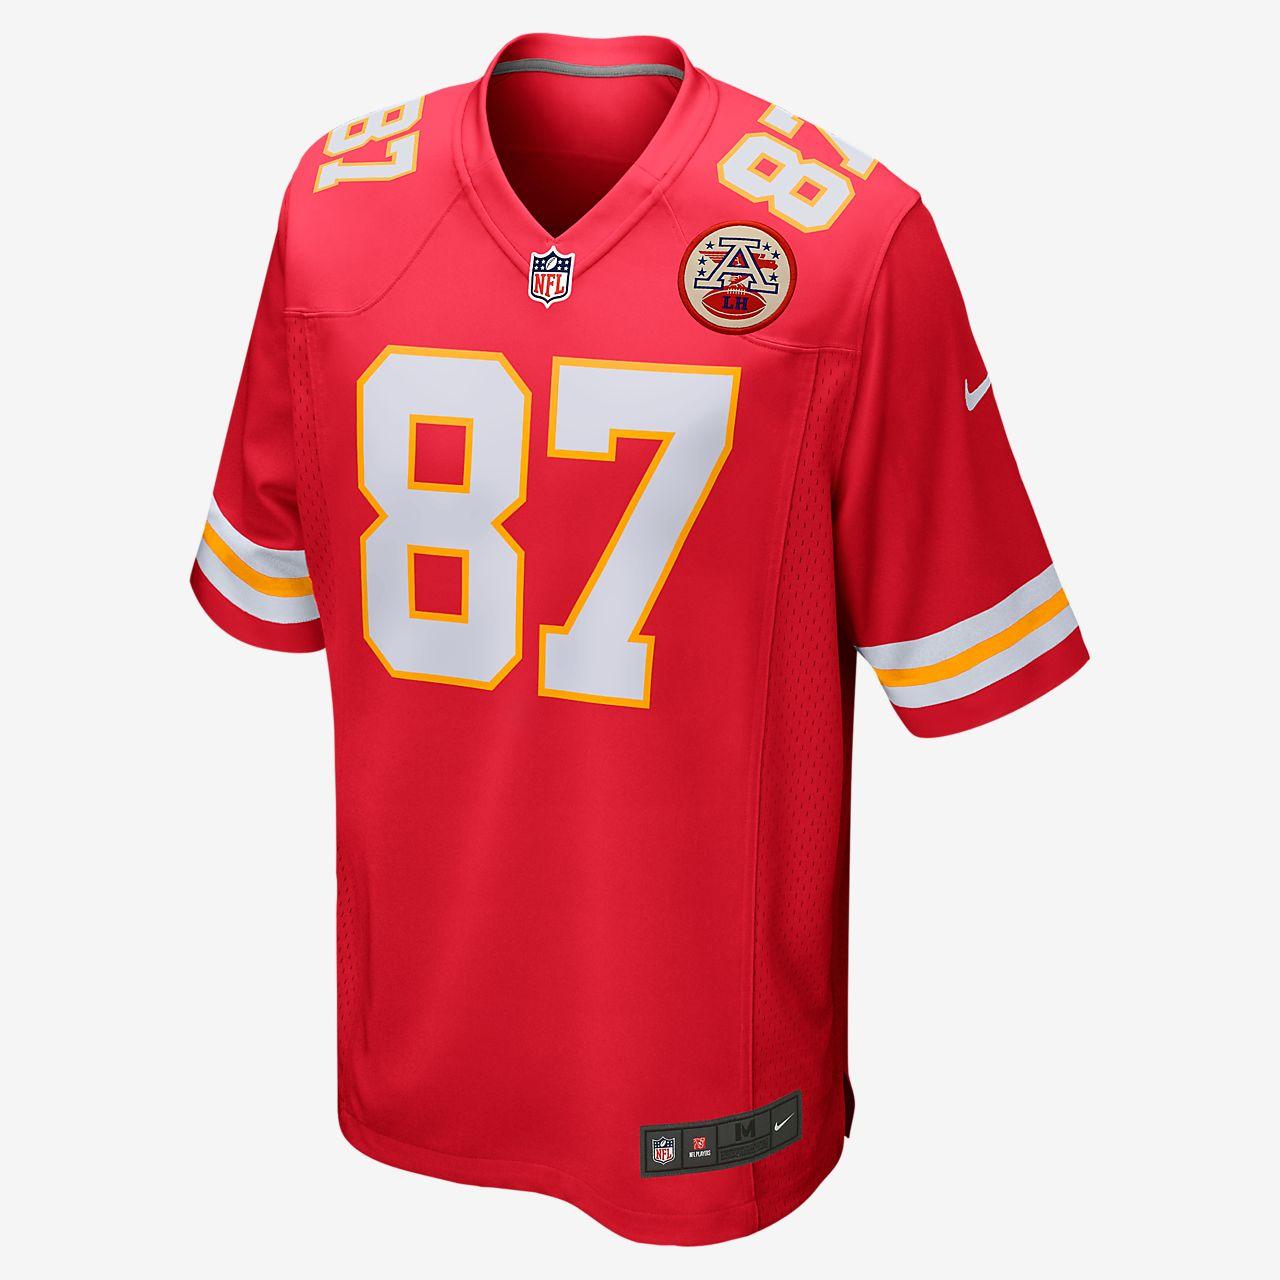 NFL Kansas City Chiefs (Travis Kelce) spillerdrakt til amerikansk fotball for herre